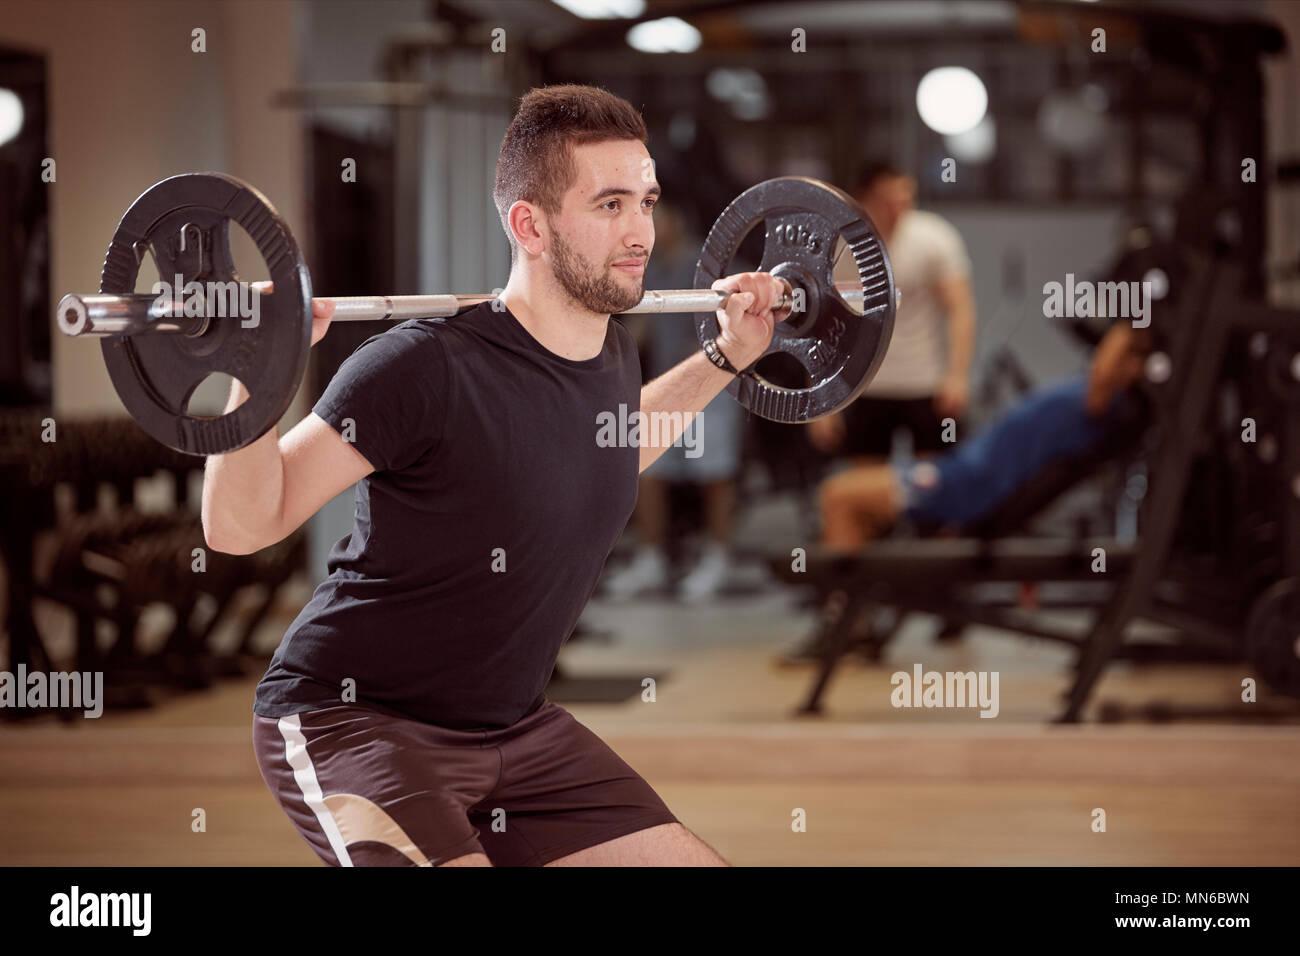 Il corpo superiore shot, esegui uno squat esercizio, giovane azienda barbell con pesi sulle spalle indietro. Irriconoscibile la gente dietro in palestra (al di fuori della messa a fuoco) Immagini Stock